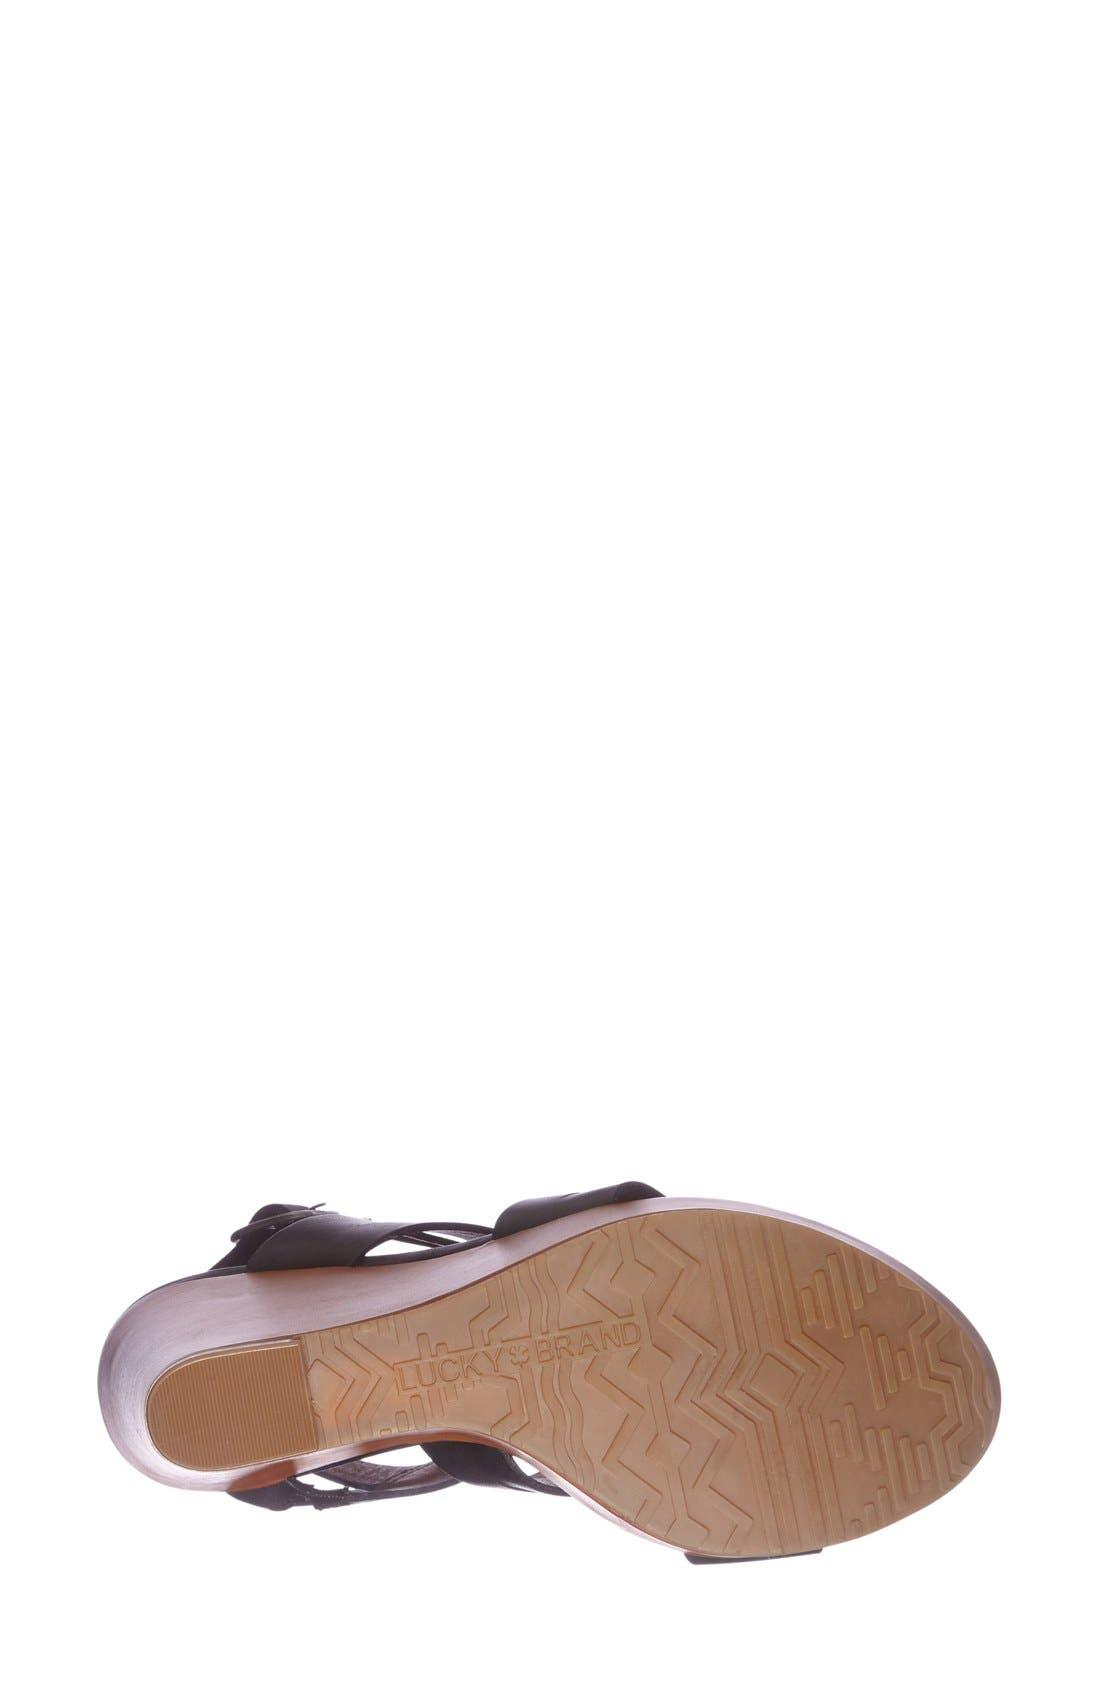 Alternate Image 4  - Lucky Brand 'Fairfina' Wedge Sandal (Women)